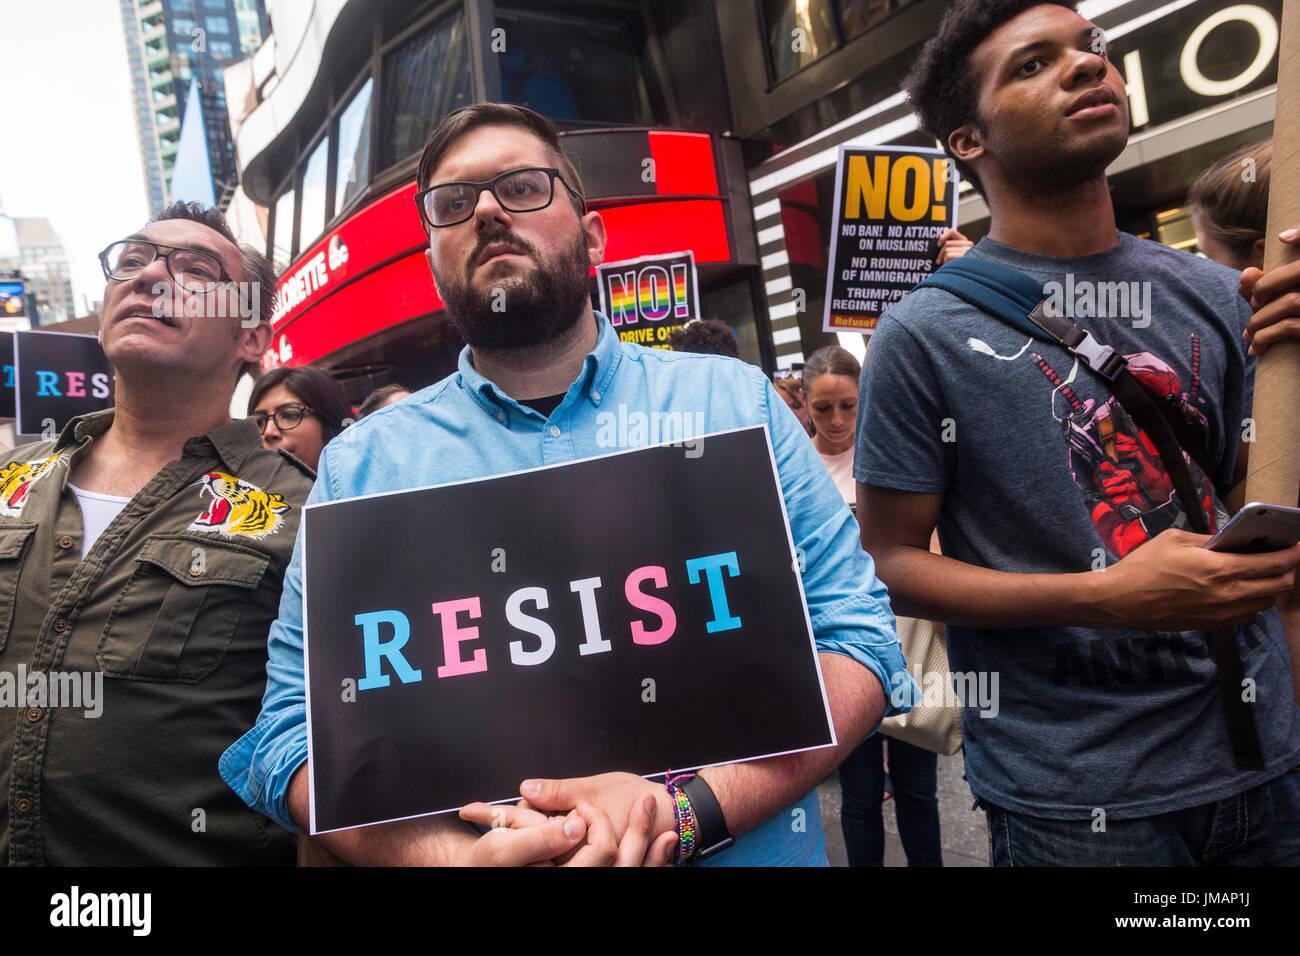 Nova Iorque, NY 26 de Julho de 2017 em resposta ao Presidente Donald Trump tweet da proibição de transsexuais Imagens de Stock